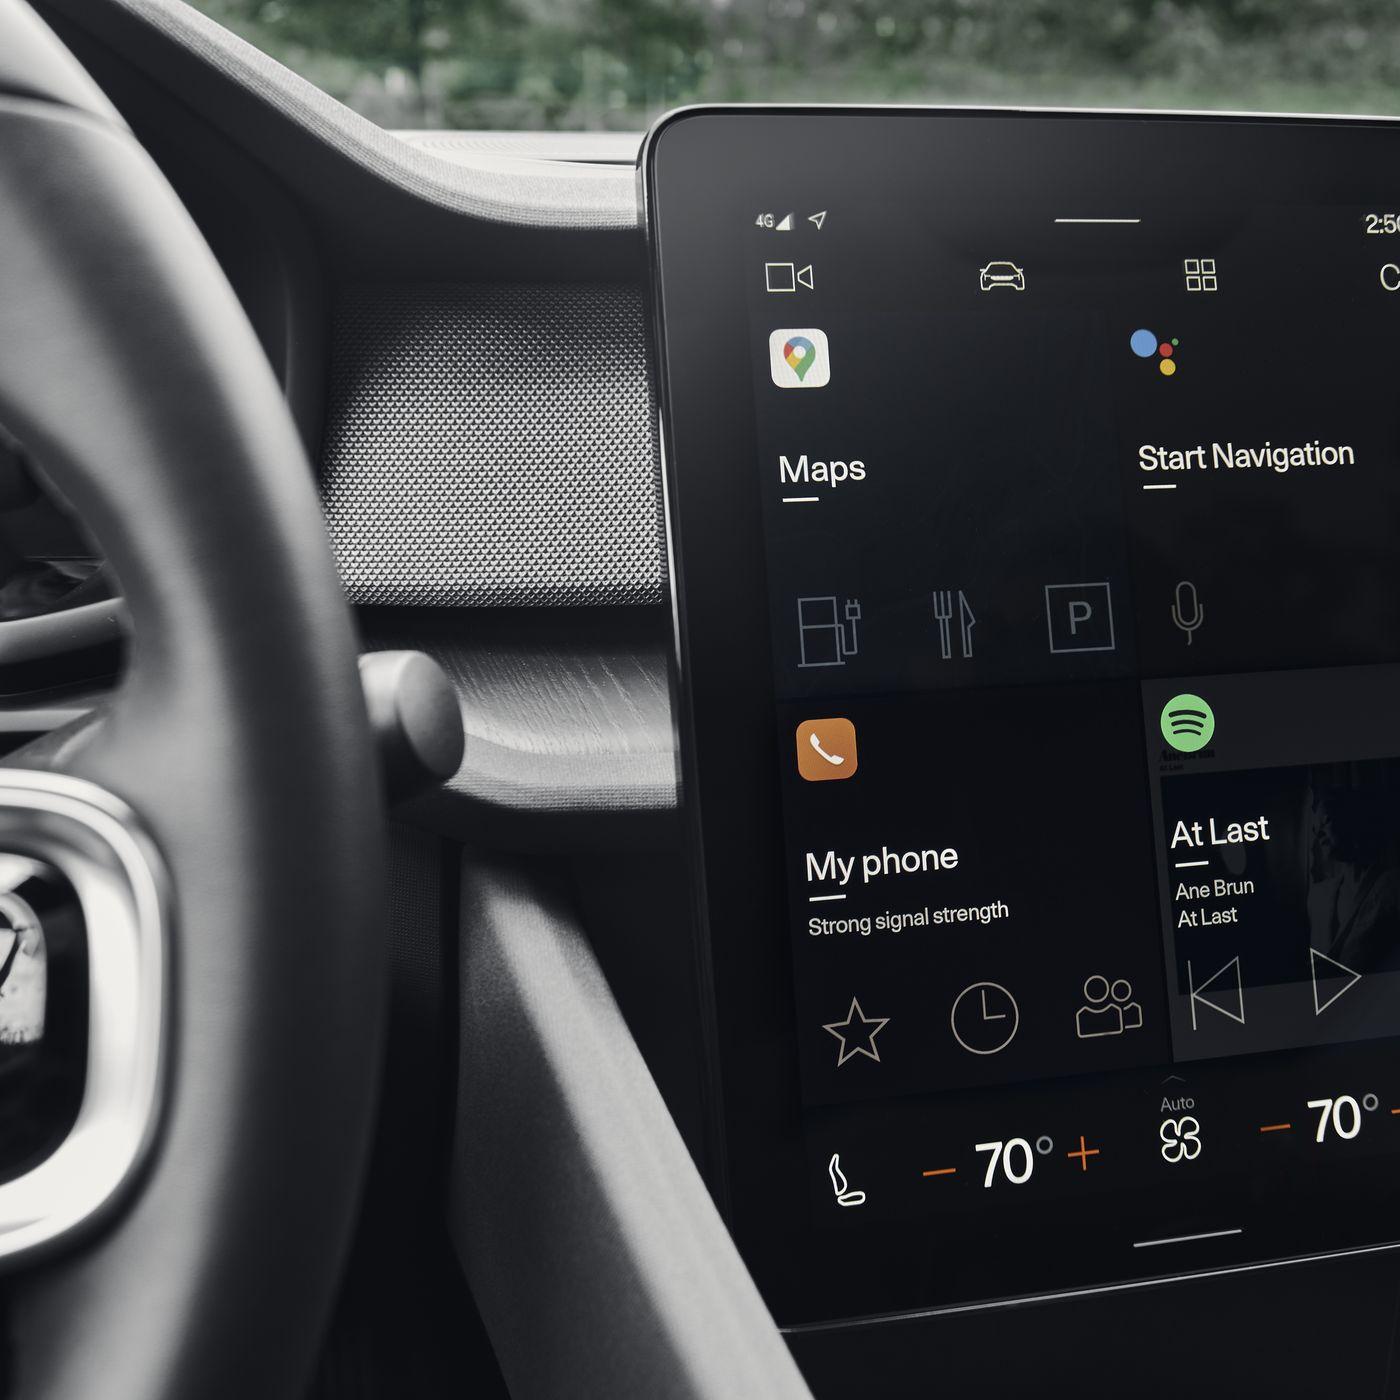 Spotify affida anche ai passeggeri il potere di decisione sulla musica in auto con questa funzione